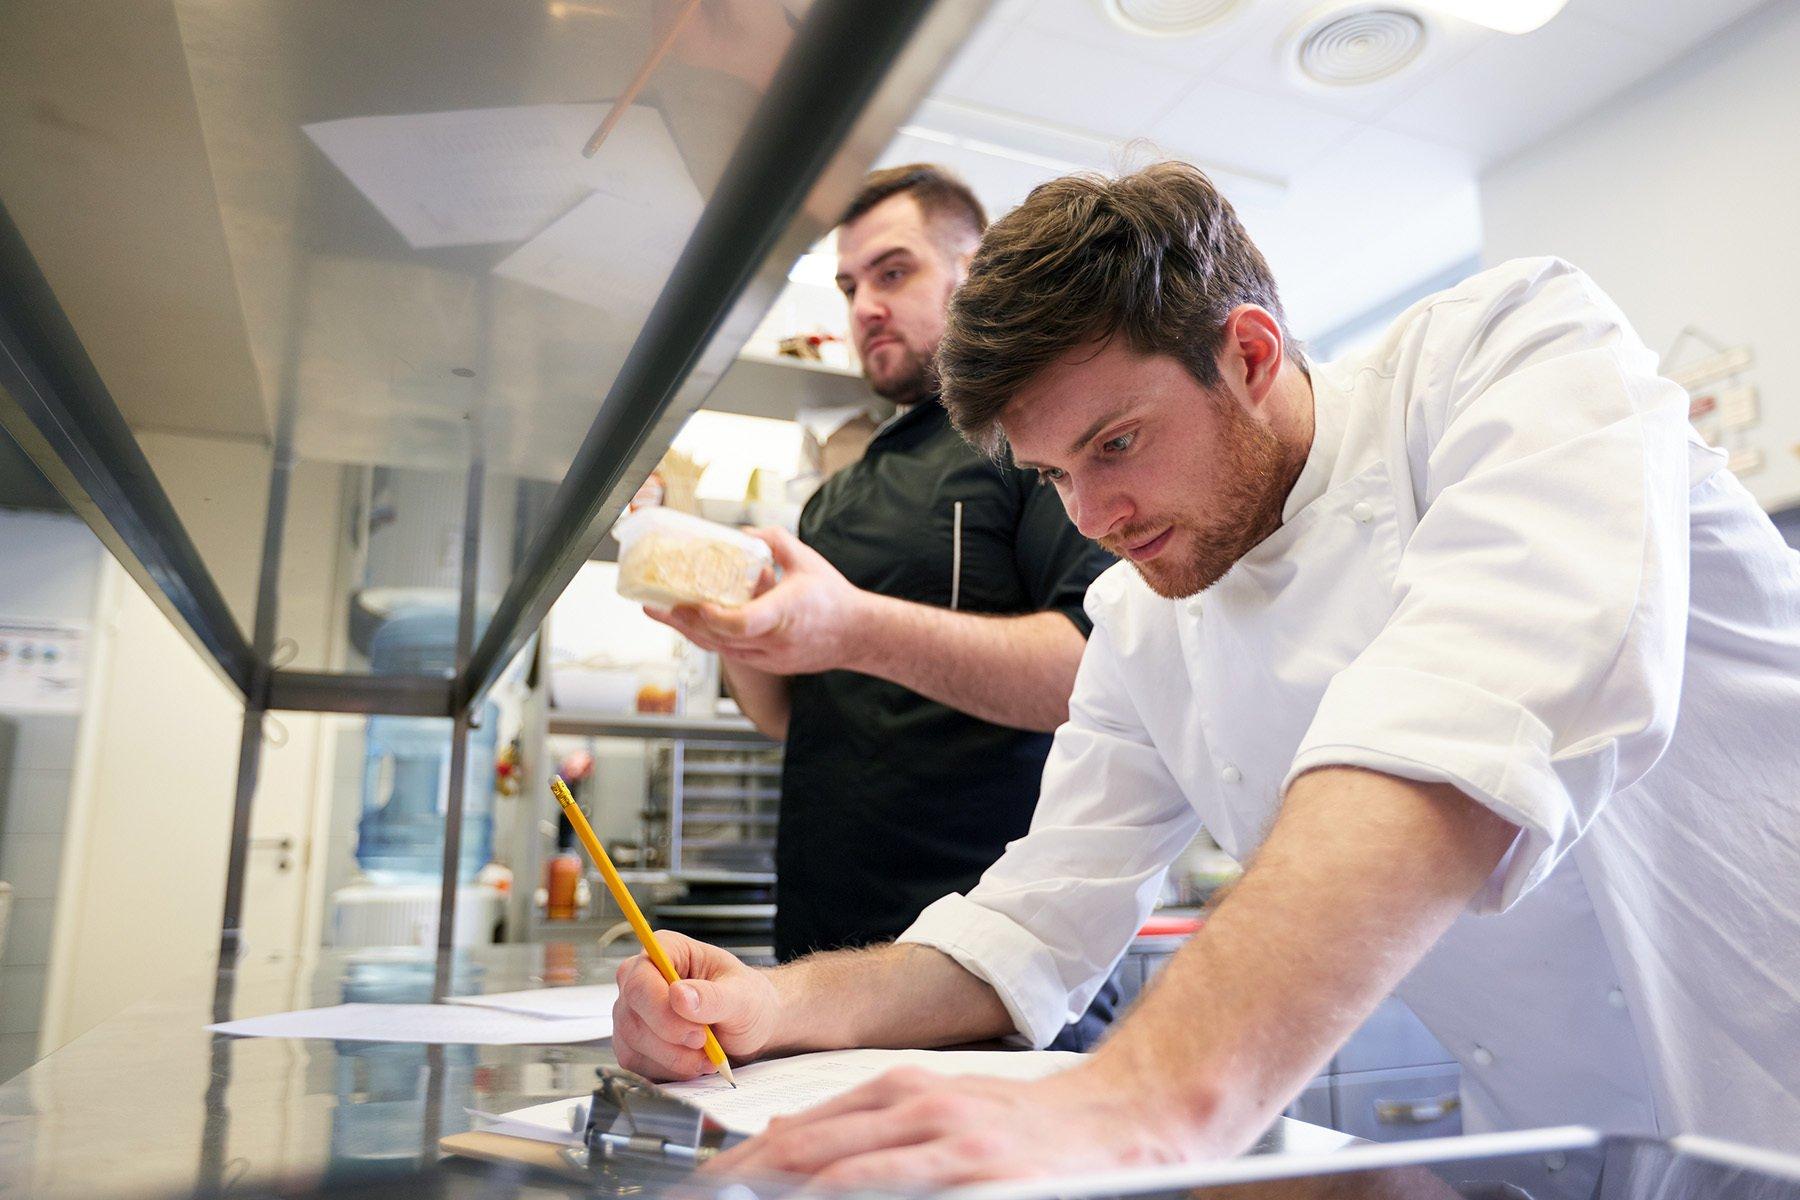 Kitchen staff working on their assigned tasks